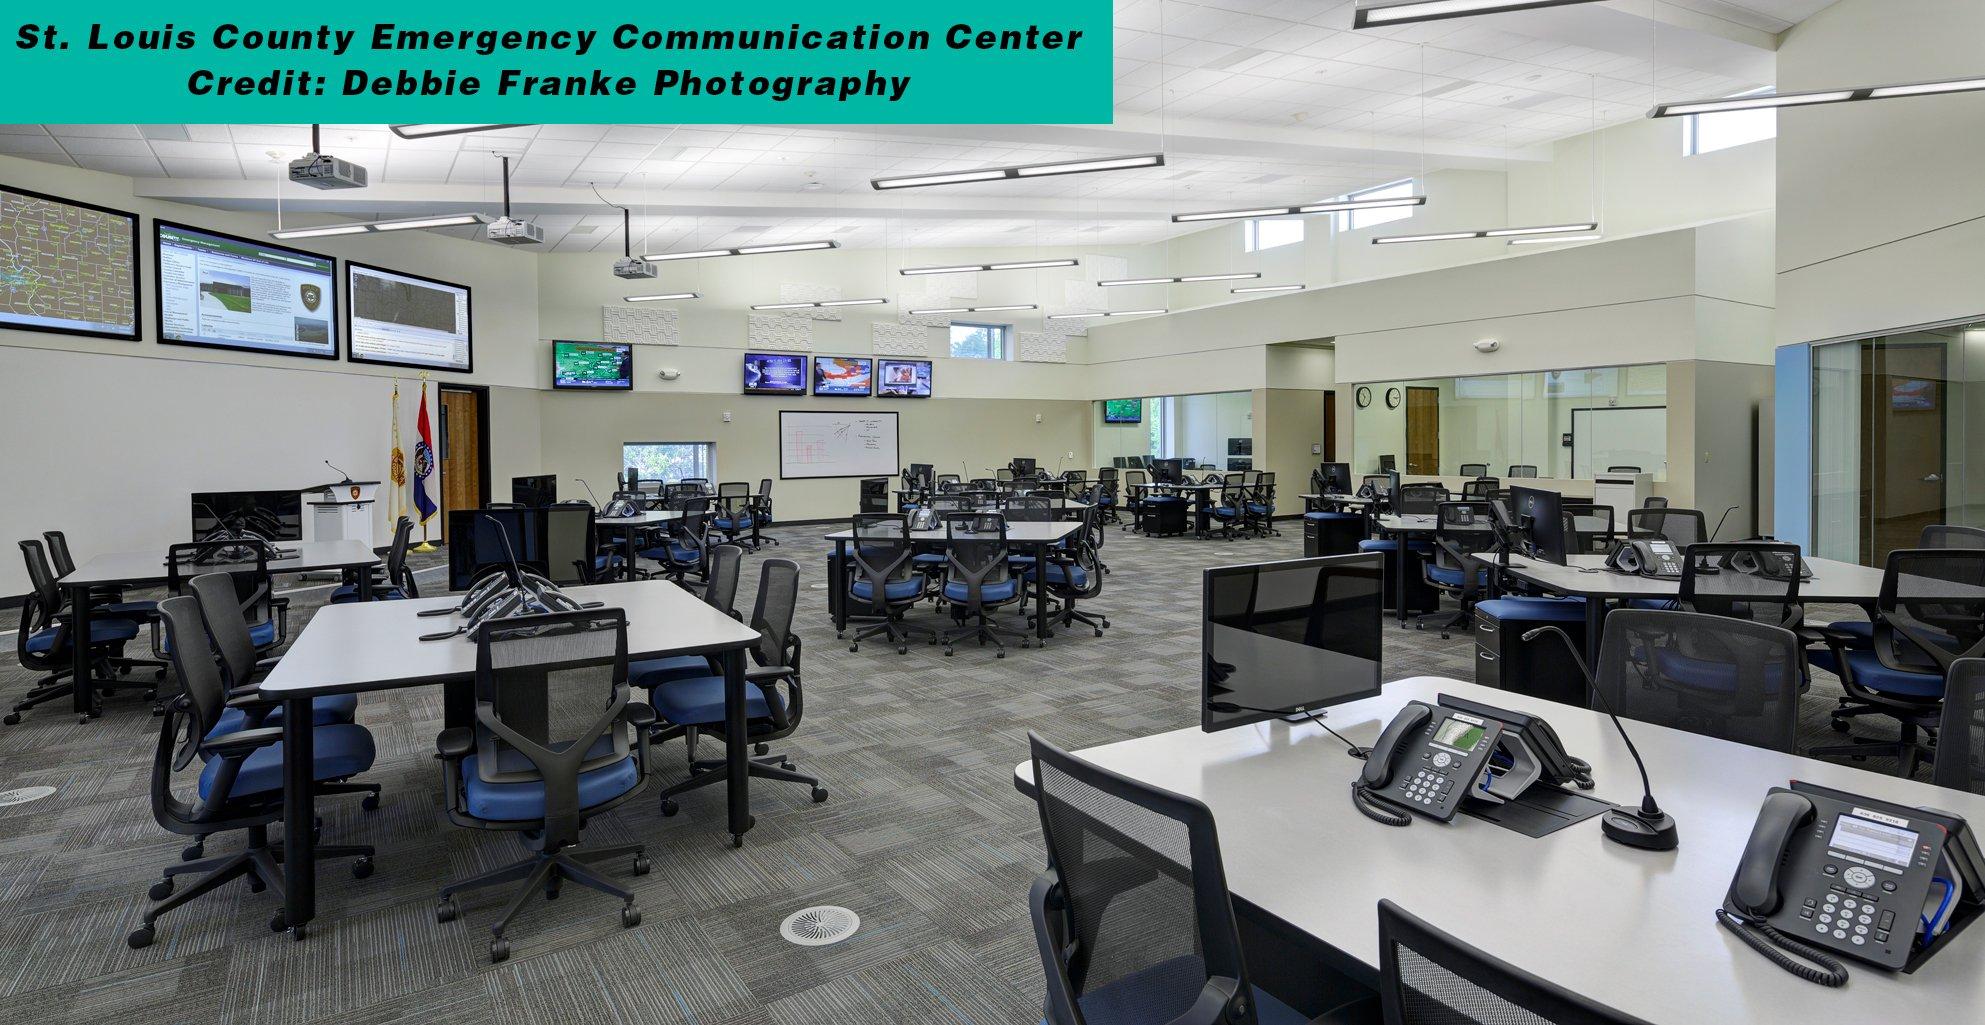 St. Louis Emergency Communication Center CREDIT Debbie Franke